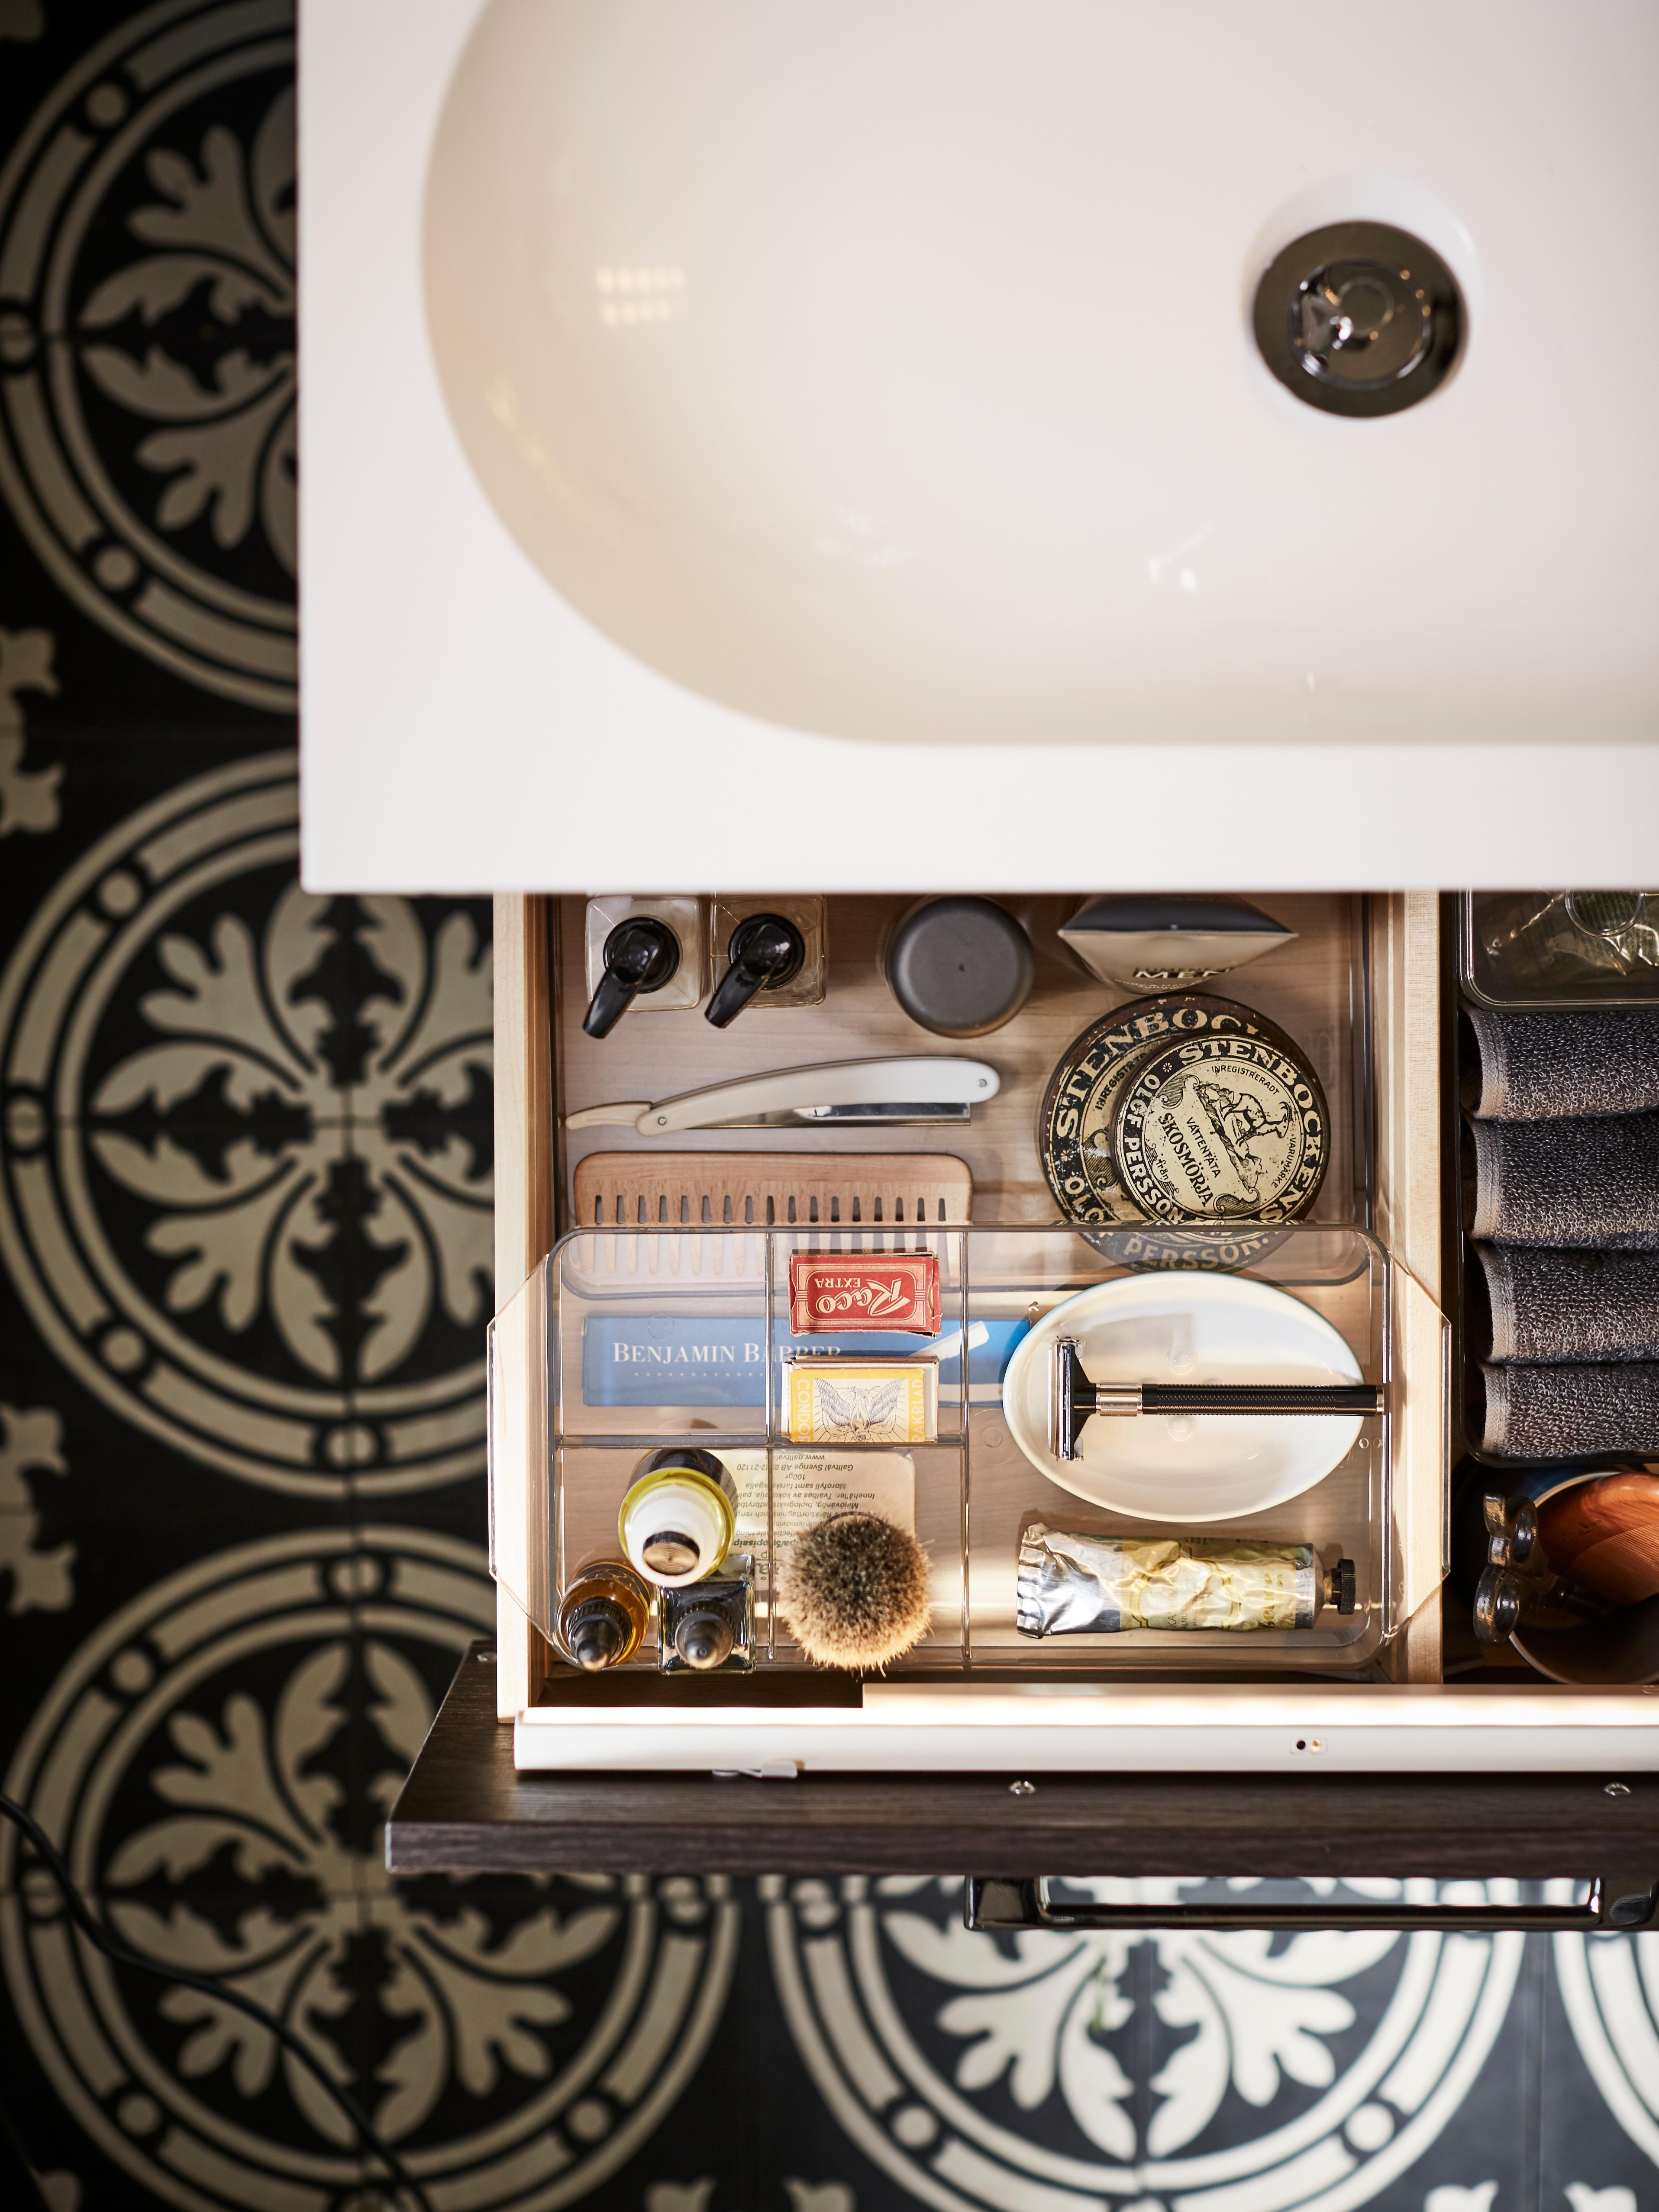 Un cassetto aperto, visto dall'alto, con una scatola a scomparti GODMORGON in plastica trasparente che contiene prodotti e accessori per la barba.